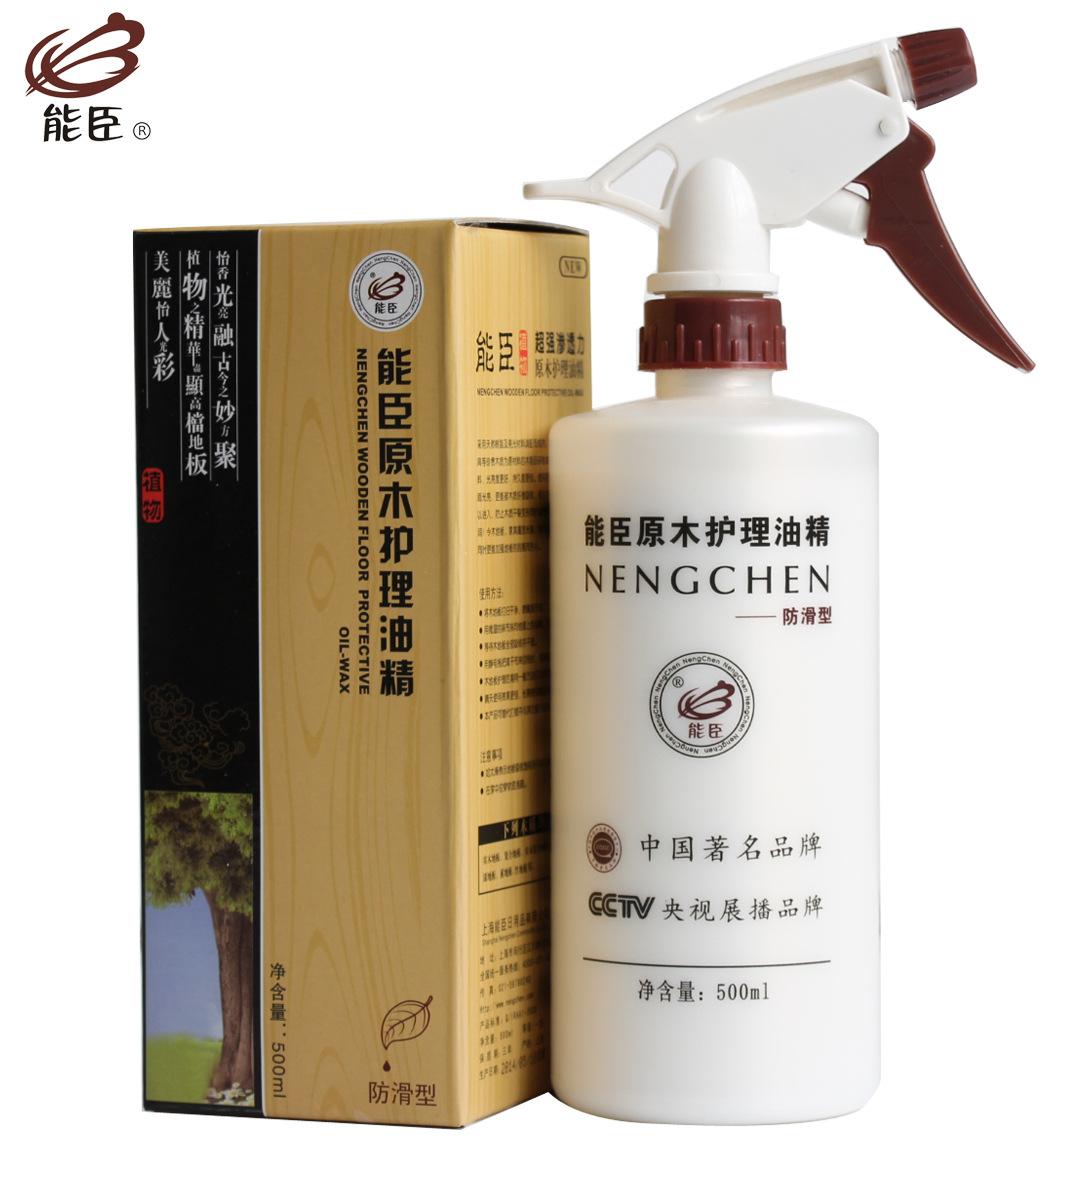 能臣实木地板蜡家具保护护理打蜡复合清洁家用喷剂精油保养腊液体